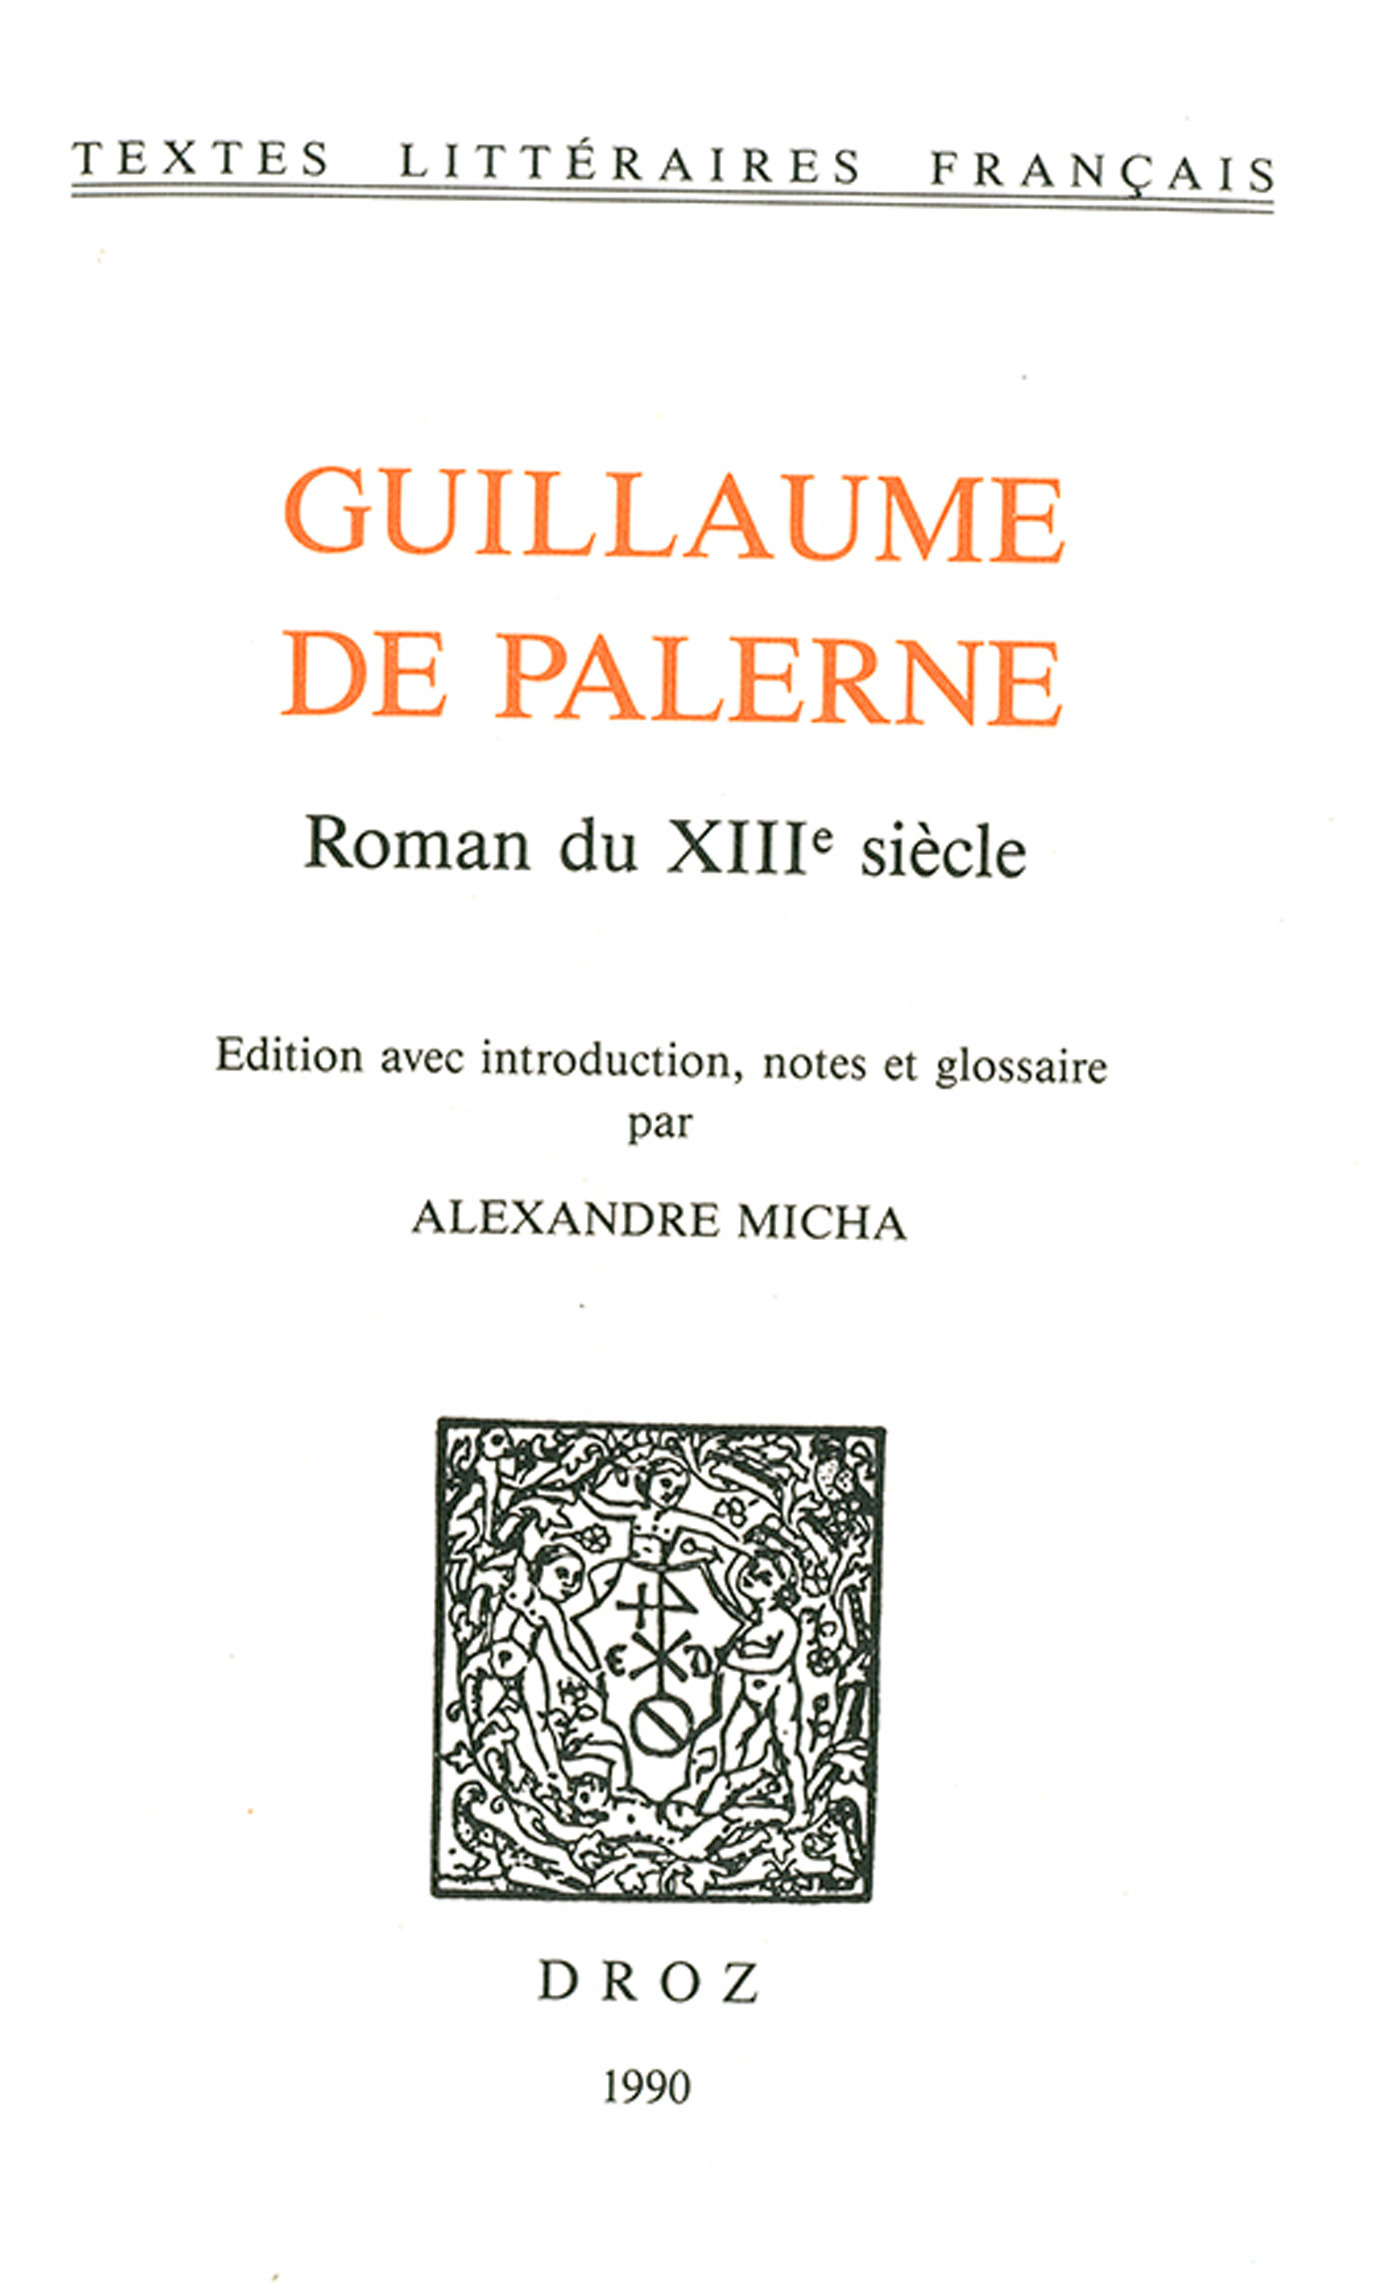 Guillaume de Palerne  - Alexandre Micha